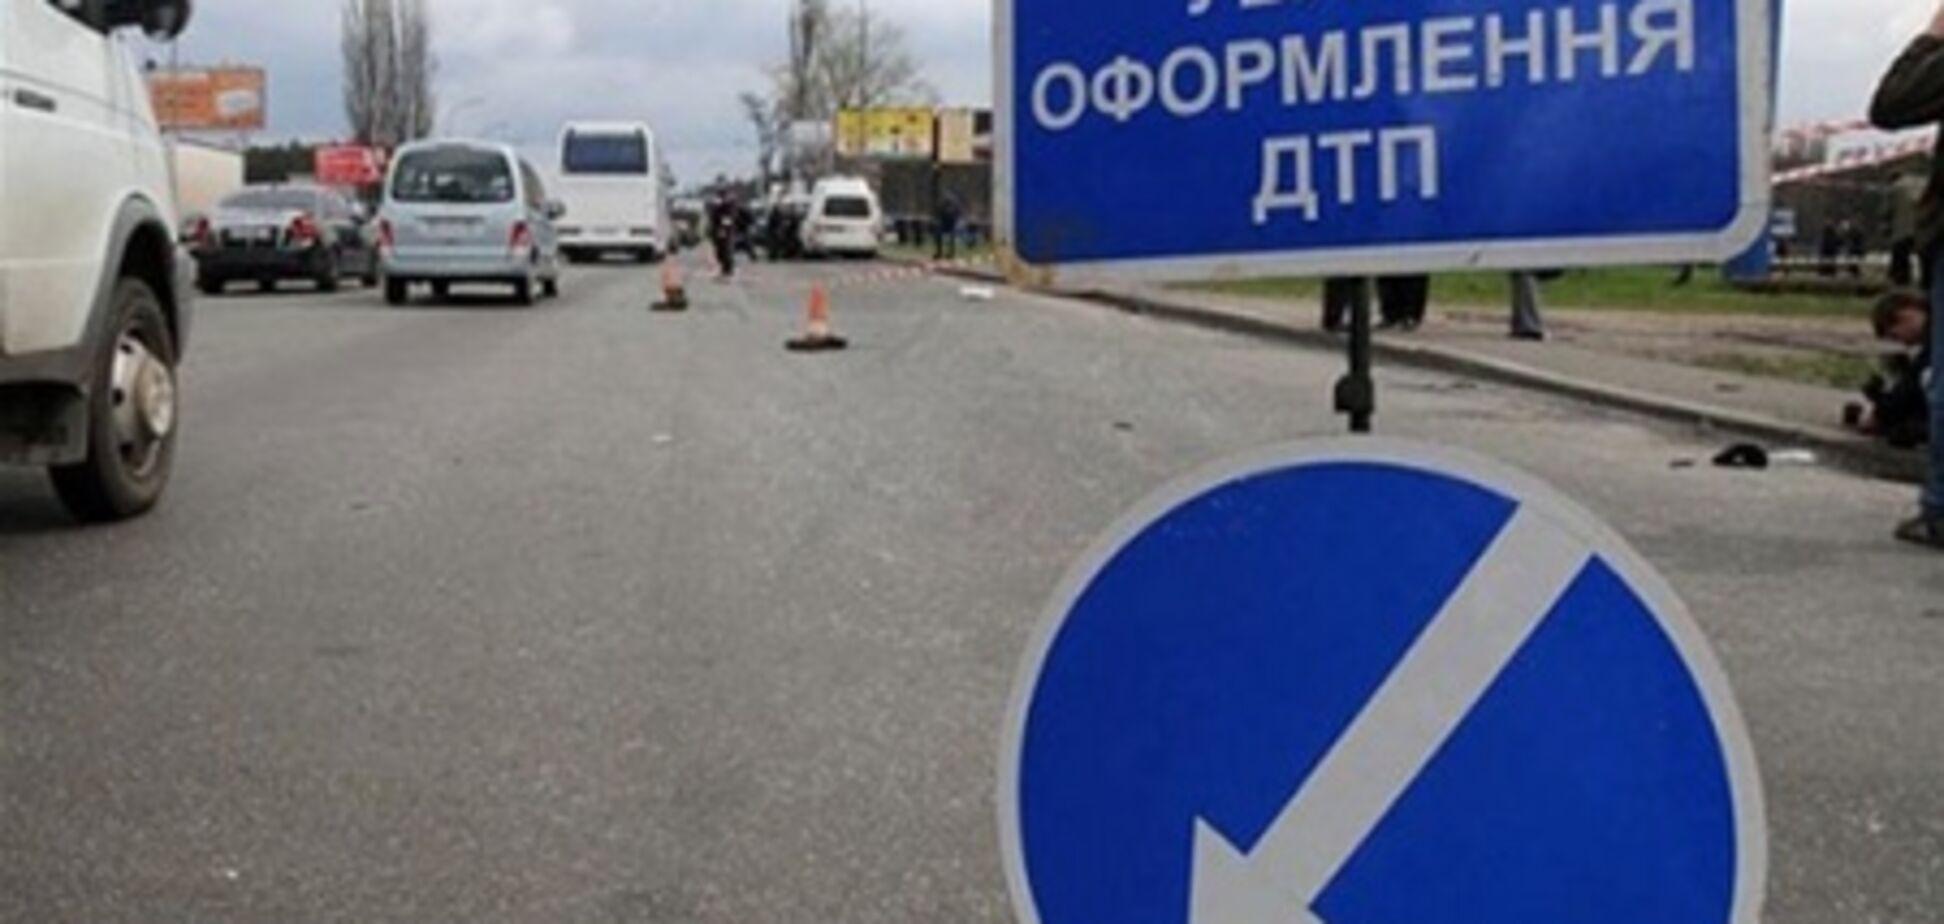 Ситуация на дорогах 30 сентября: 116 ДТП, 18 погибших